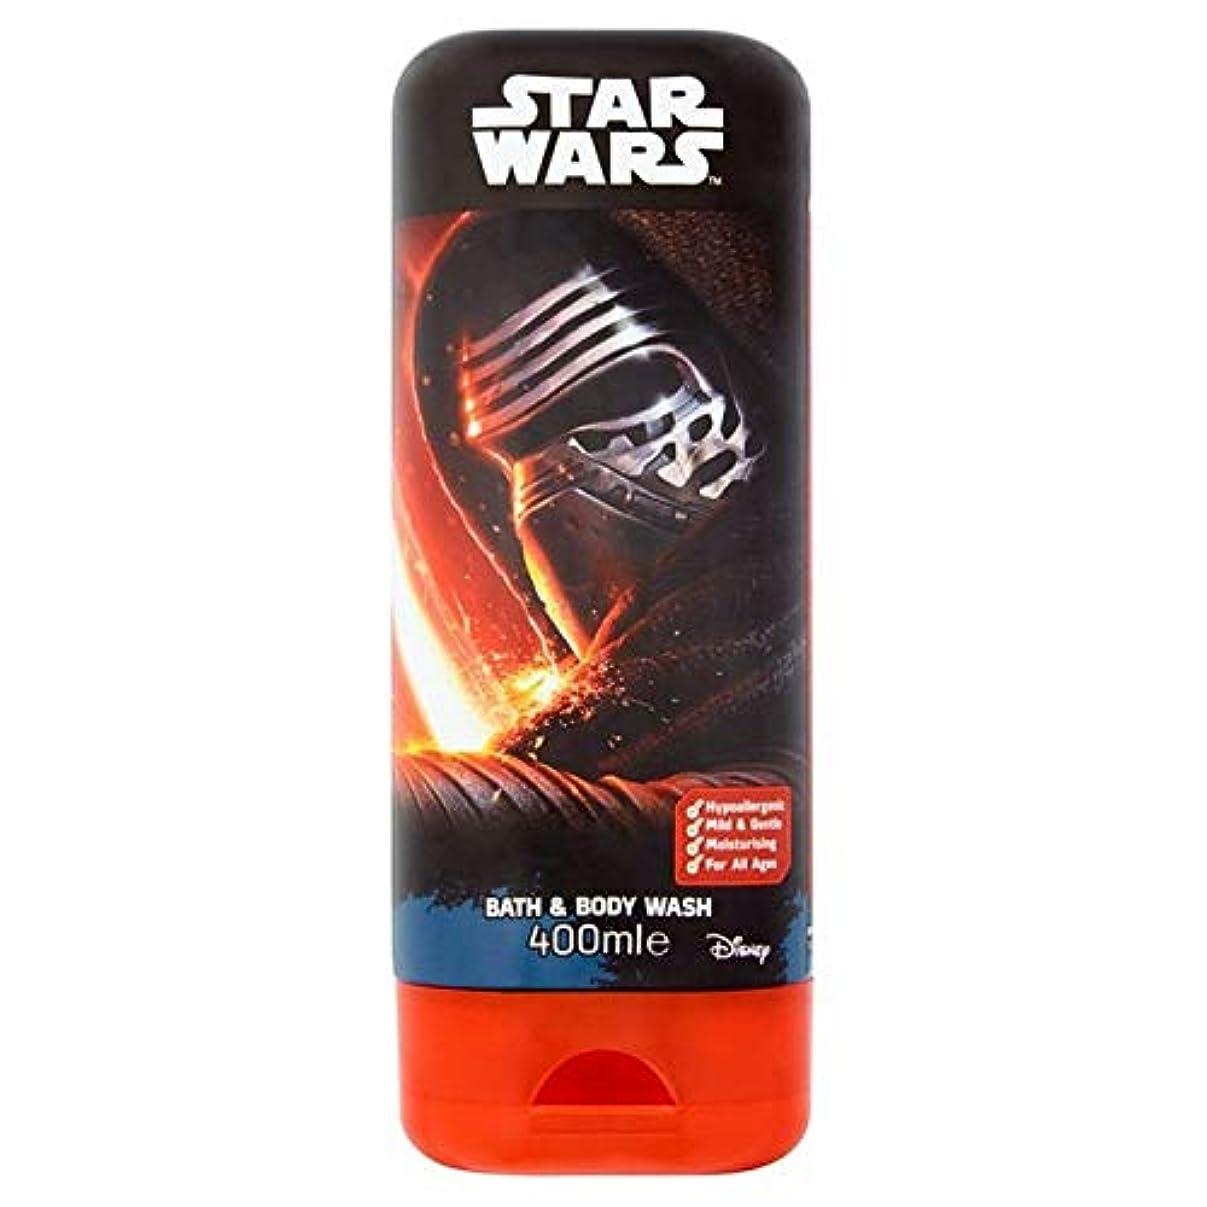 性能シーンアーサー[Firefly ] スターウォーズバス&シャワージェル400ミリリットル - Star Wars Bath & Shower Gel 400ml [並行輸入品]